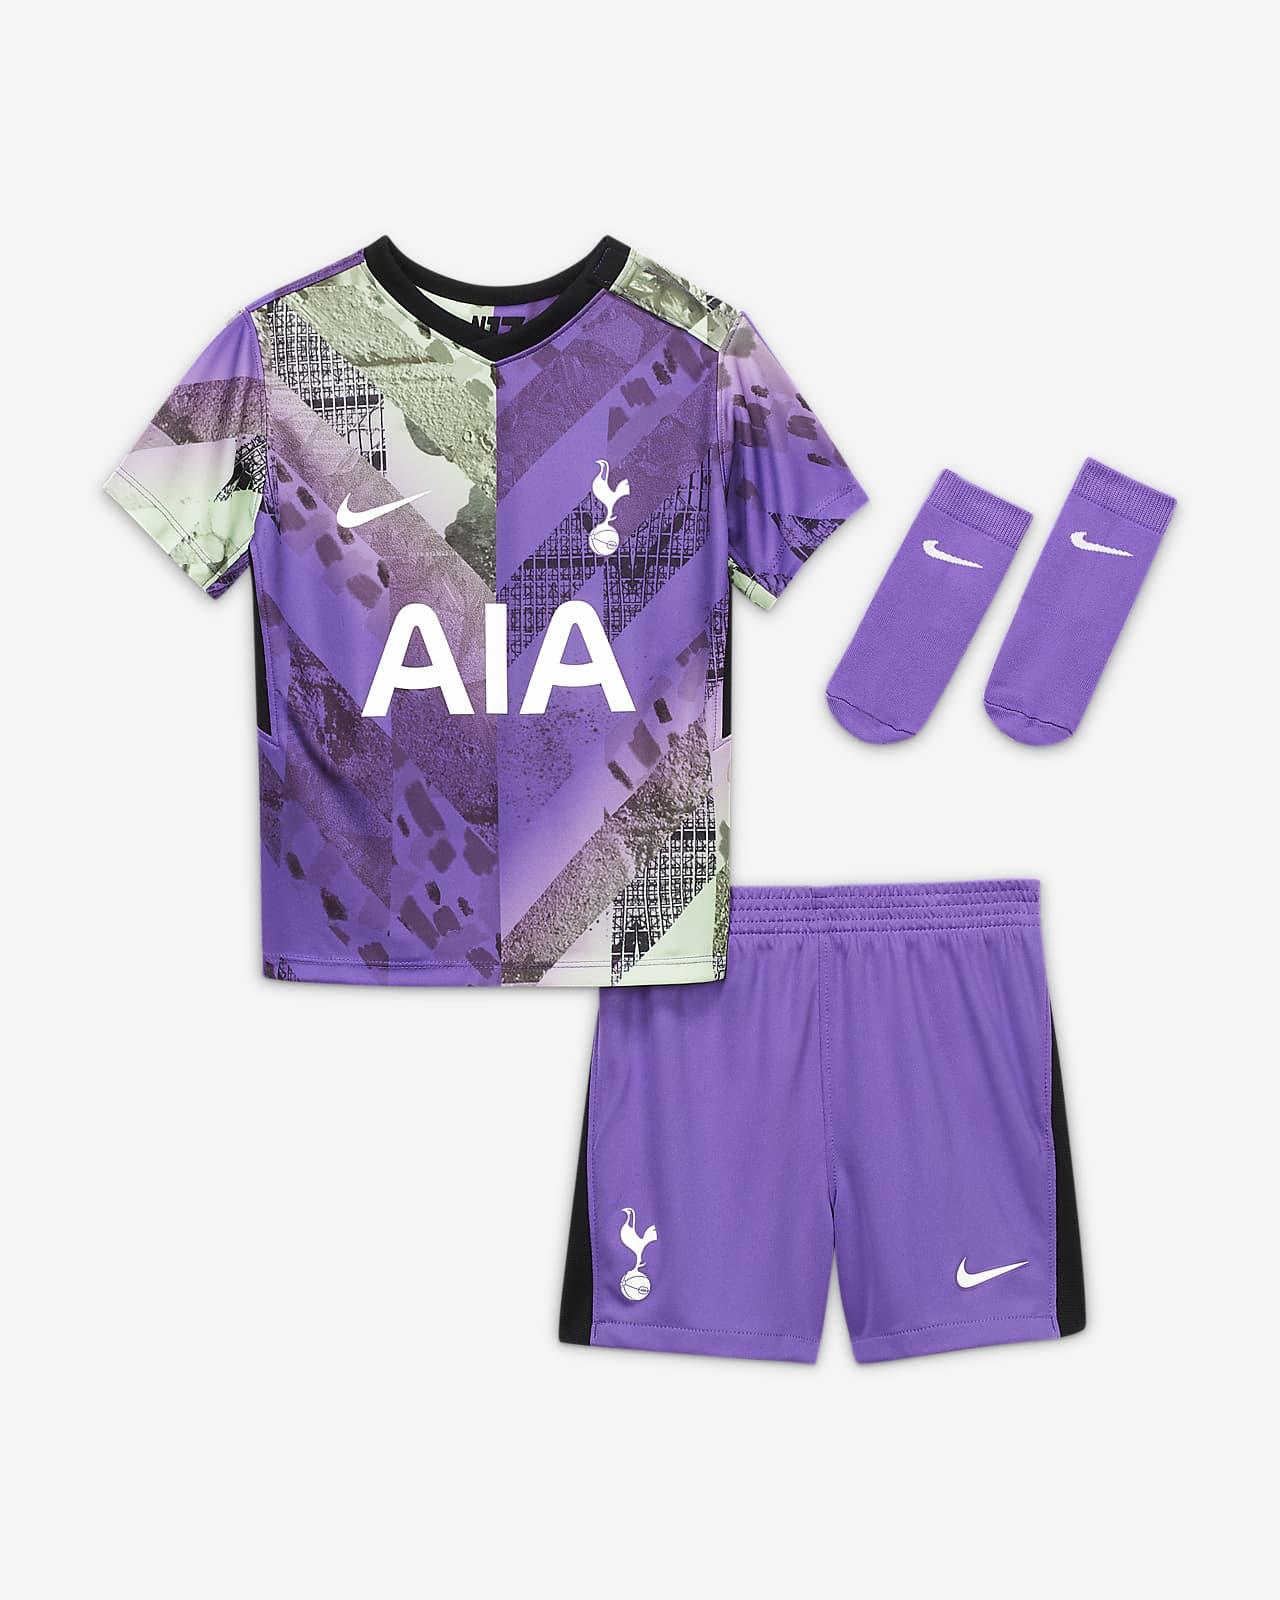 Tenue Tottenham Hotspur 2021/22 Third pour Bébé et Petit enfant